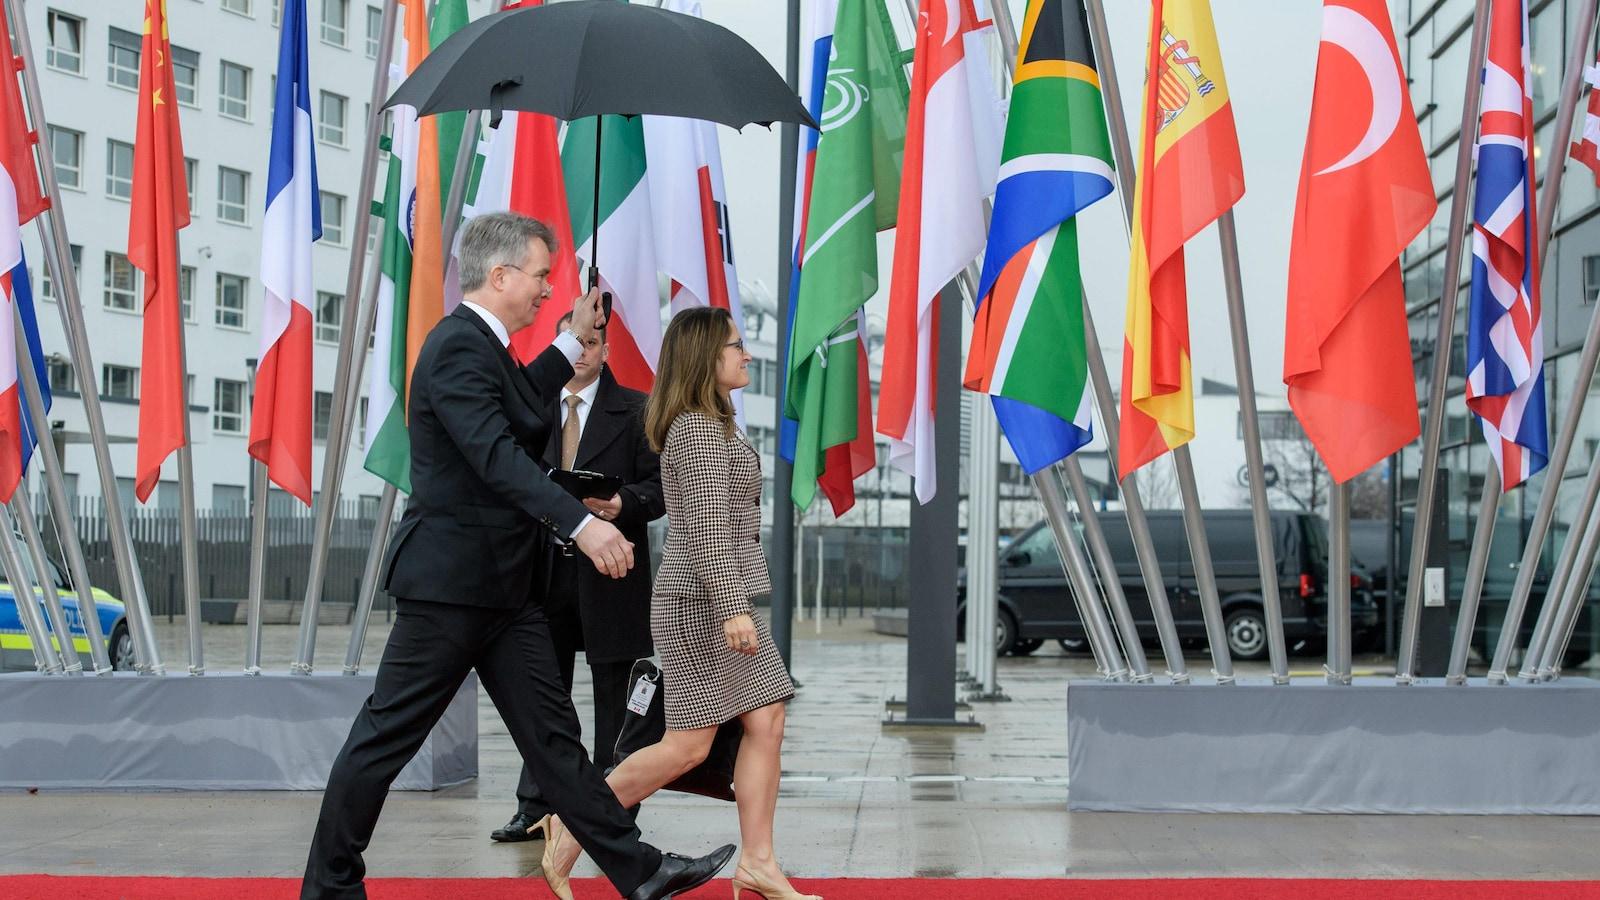 Une photo montre la ministre des Affaires étrangères Chrystia Freeland qui arrive à une rencontre avec ses homologues du G20, à Bonn, en Allemagne.